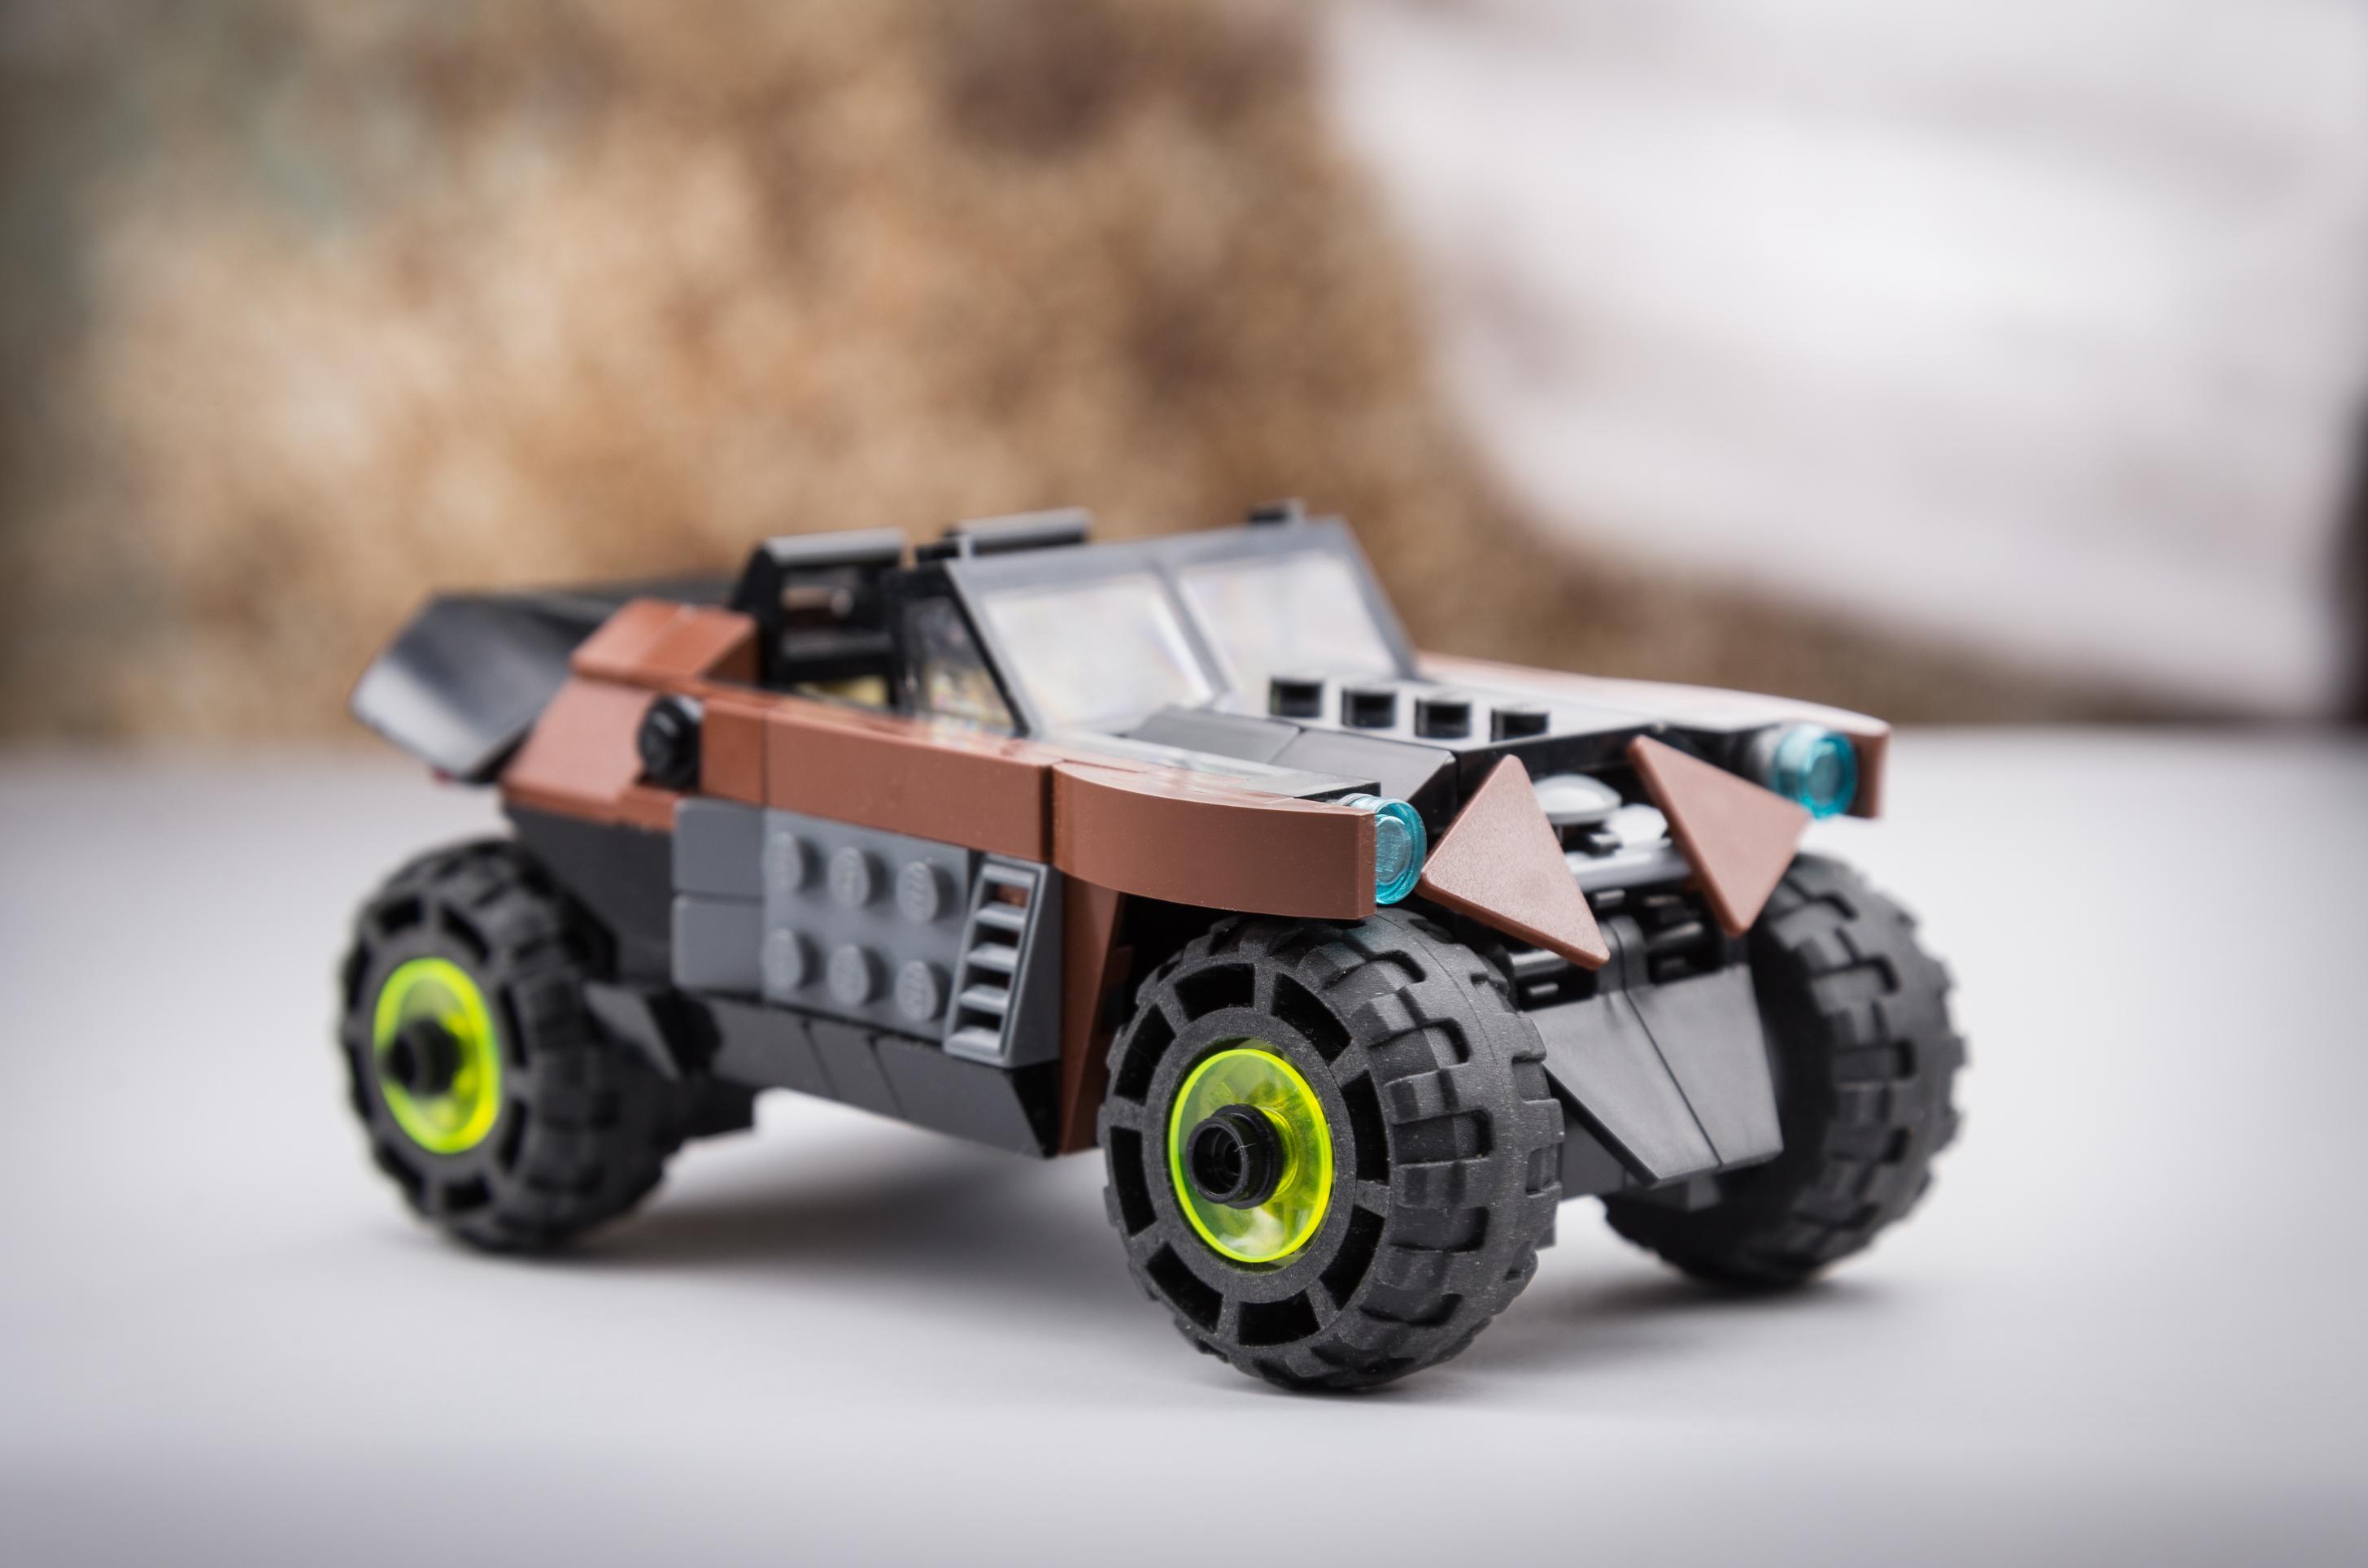 Masaustu Model Araba Arac Tugla Yol Lego Cizgiler Oyuncak